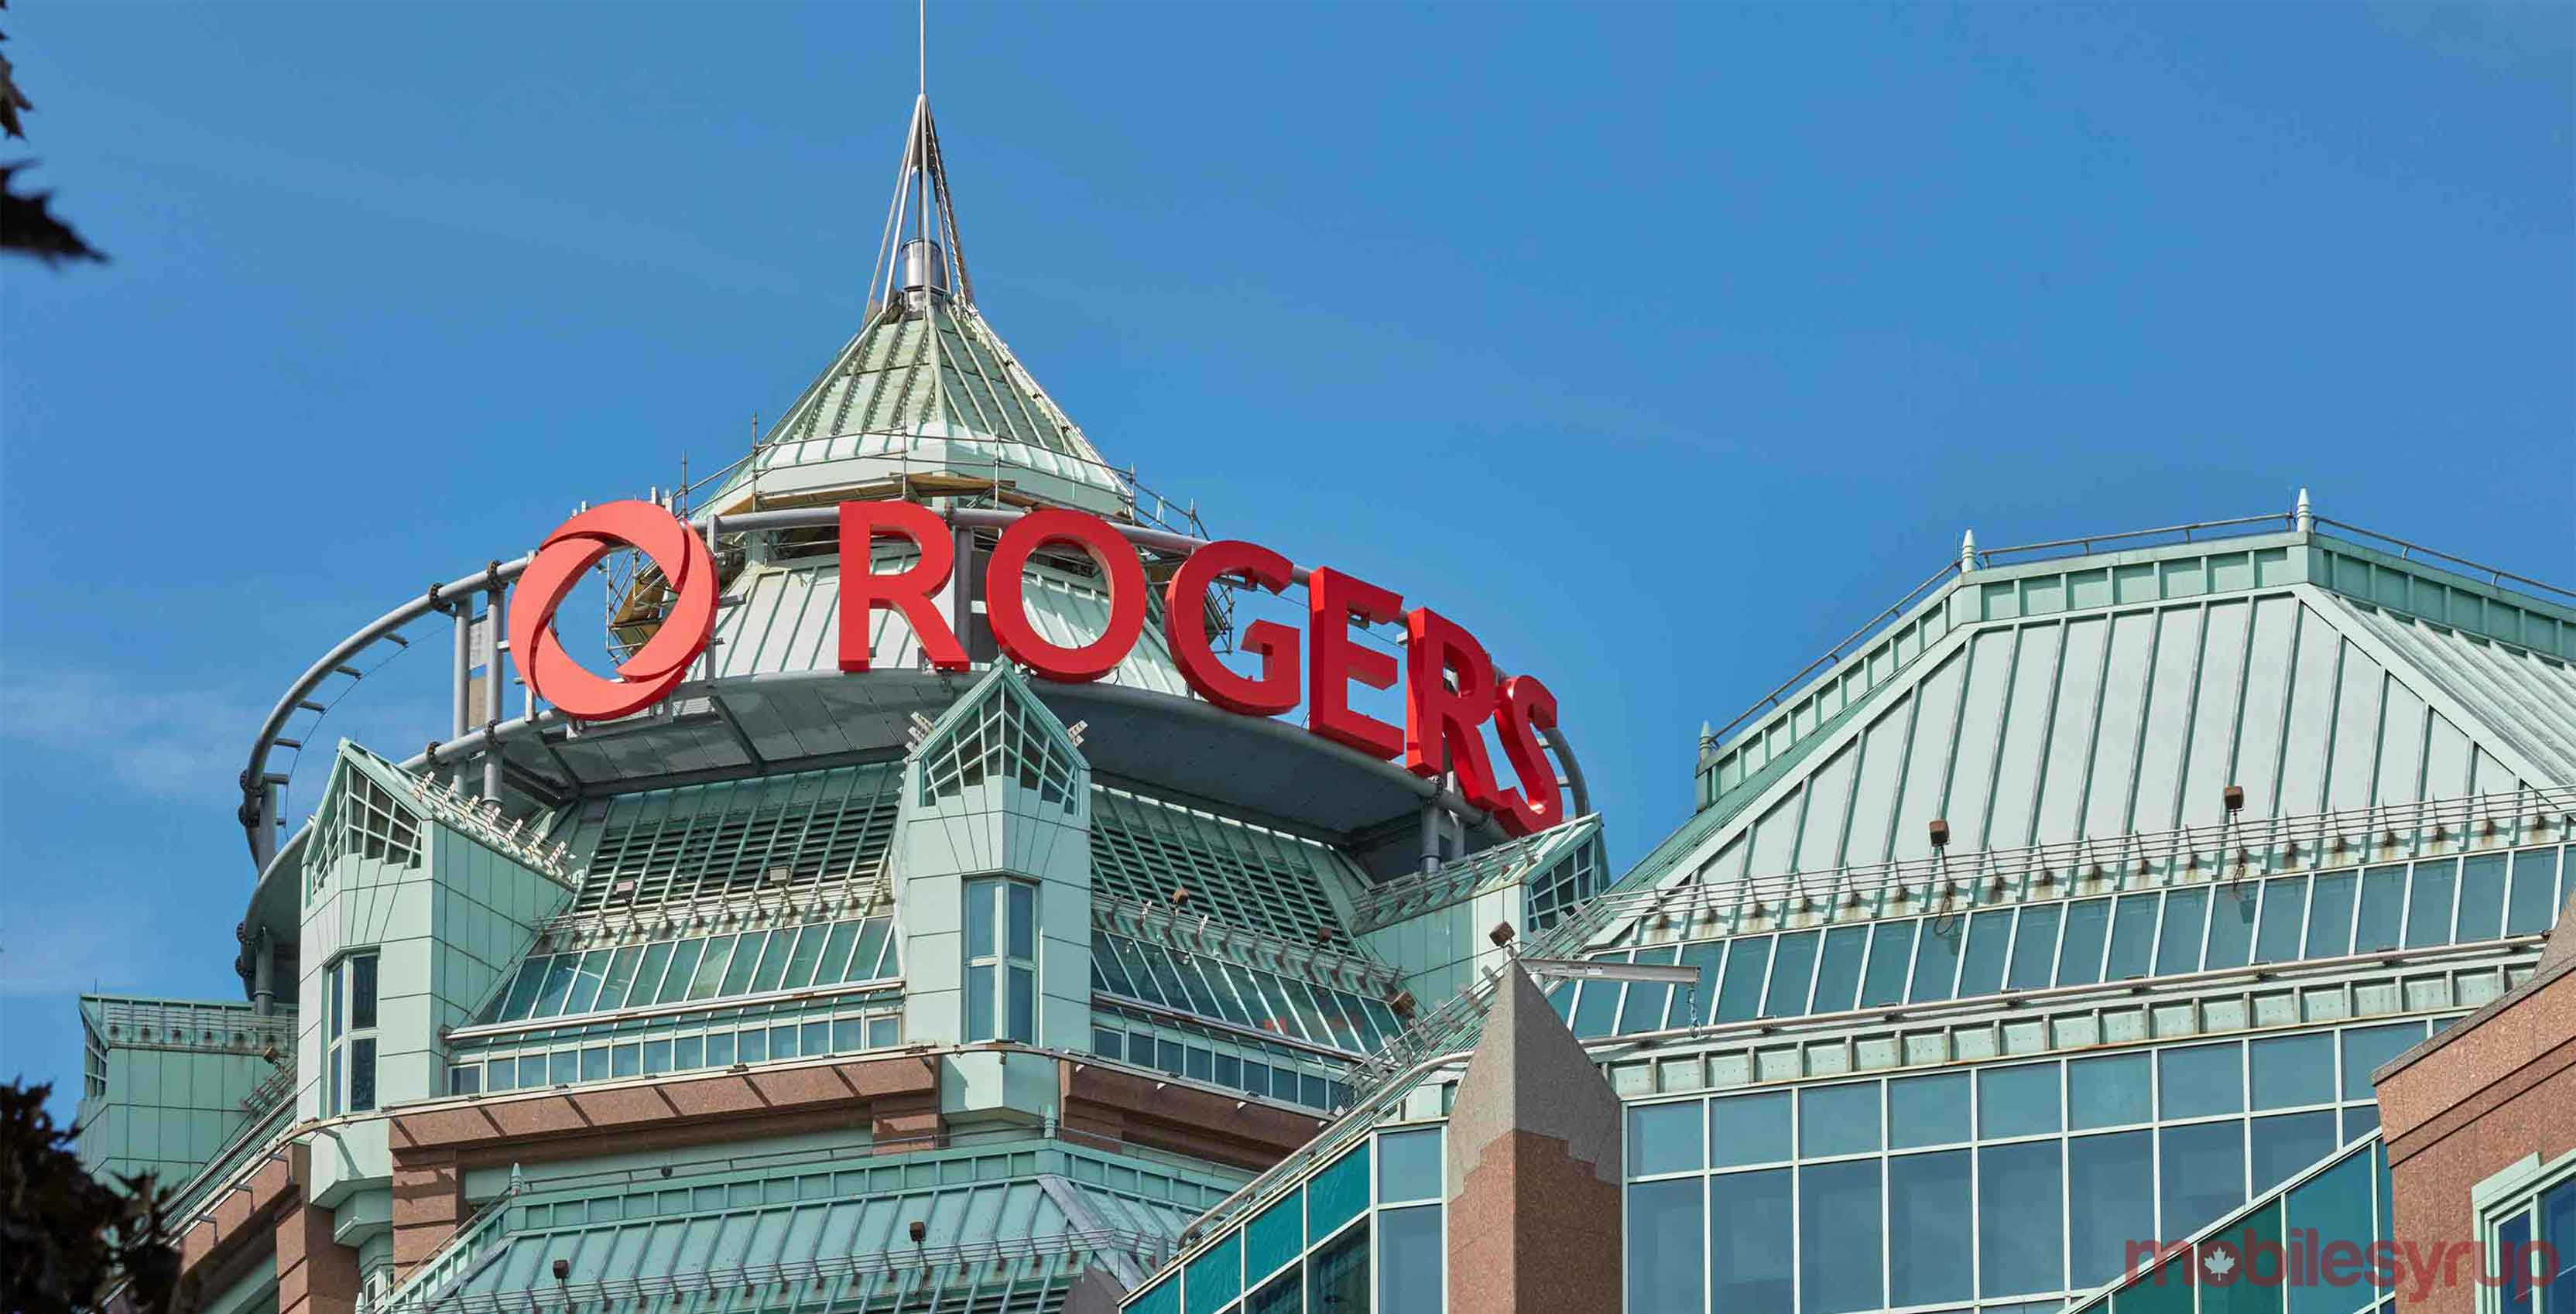 Rogers enroute gta